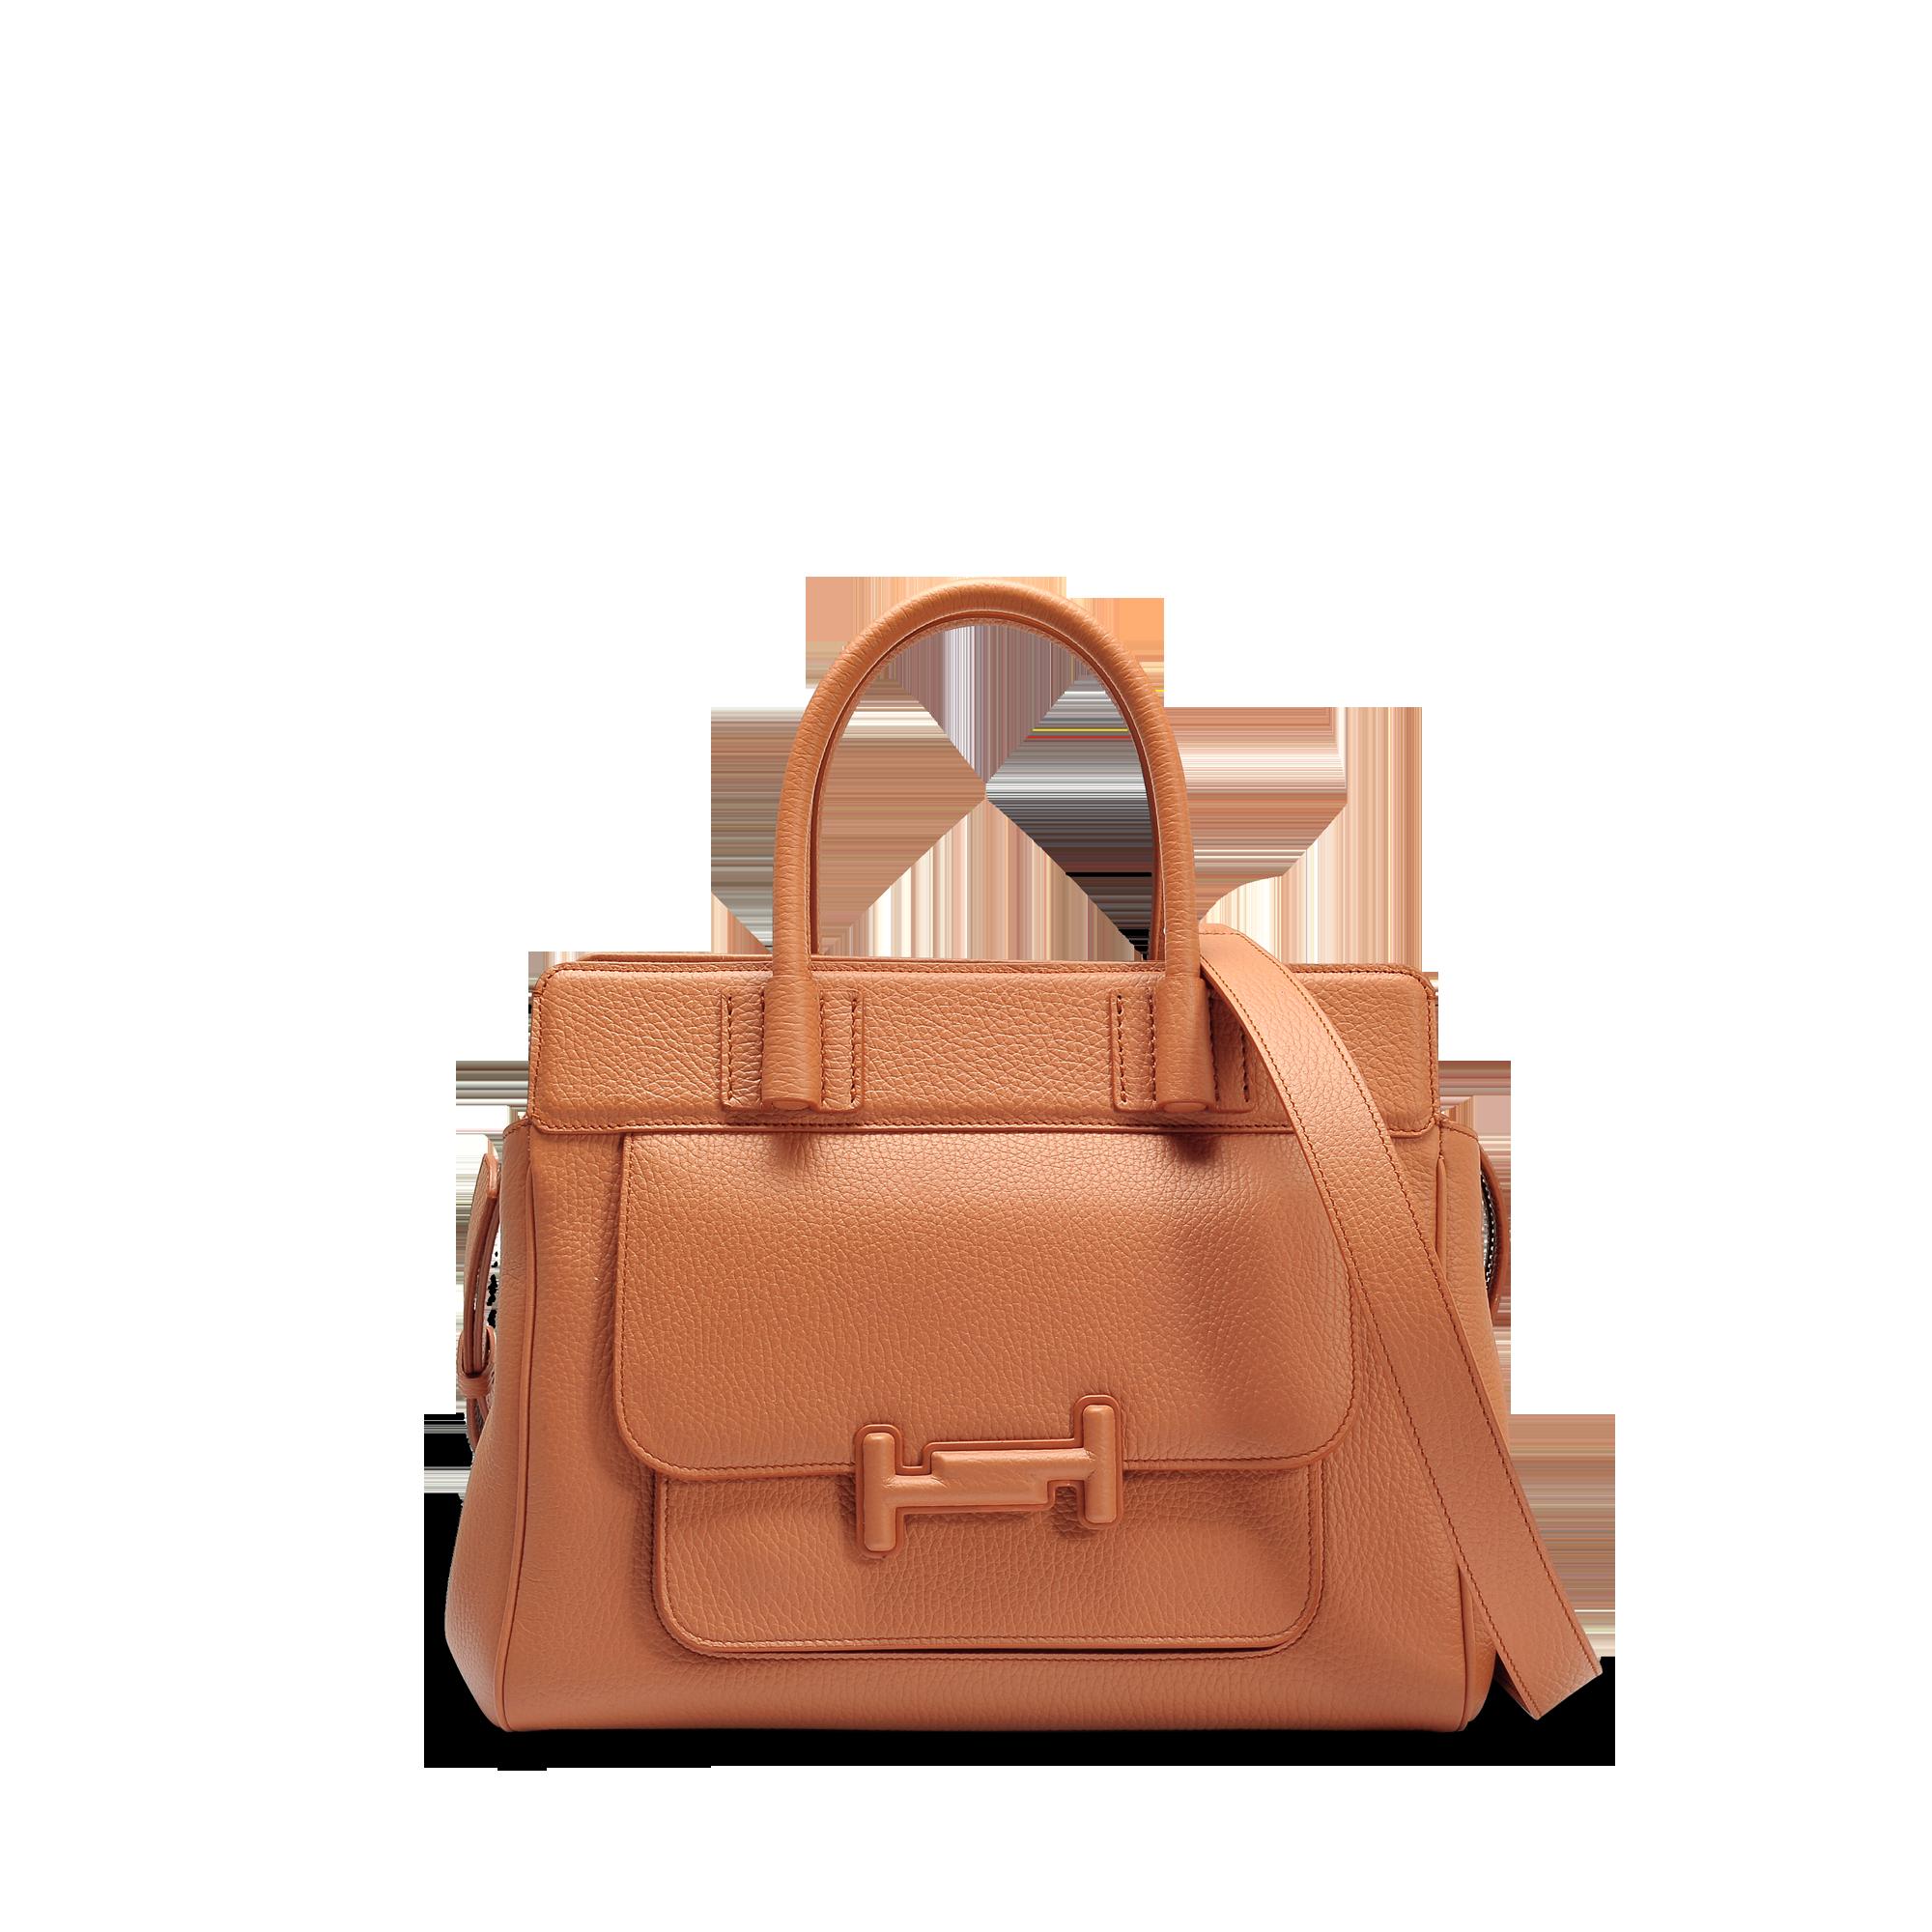 Korting Grote Korting Goedkope Koop Topkwaliteit Tod'S Double T small satchel bag fBlWSh77